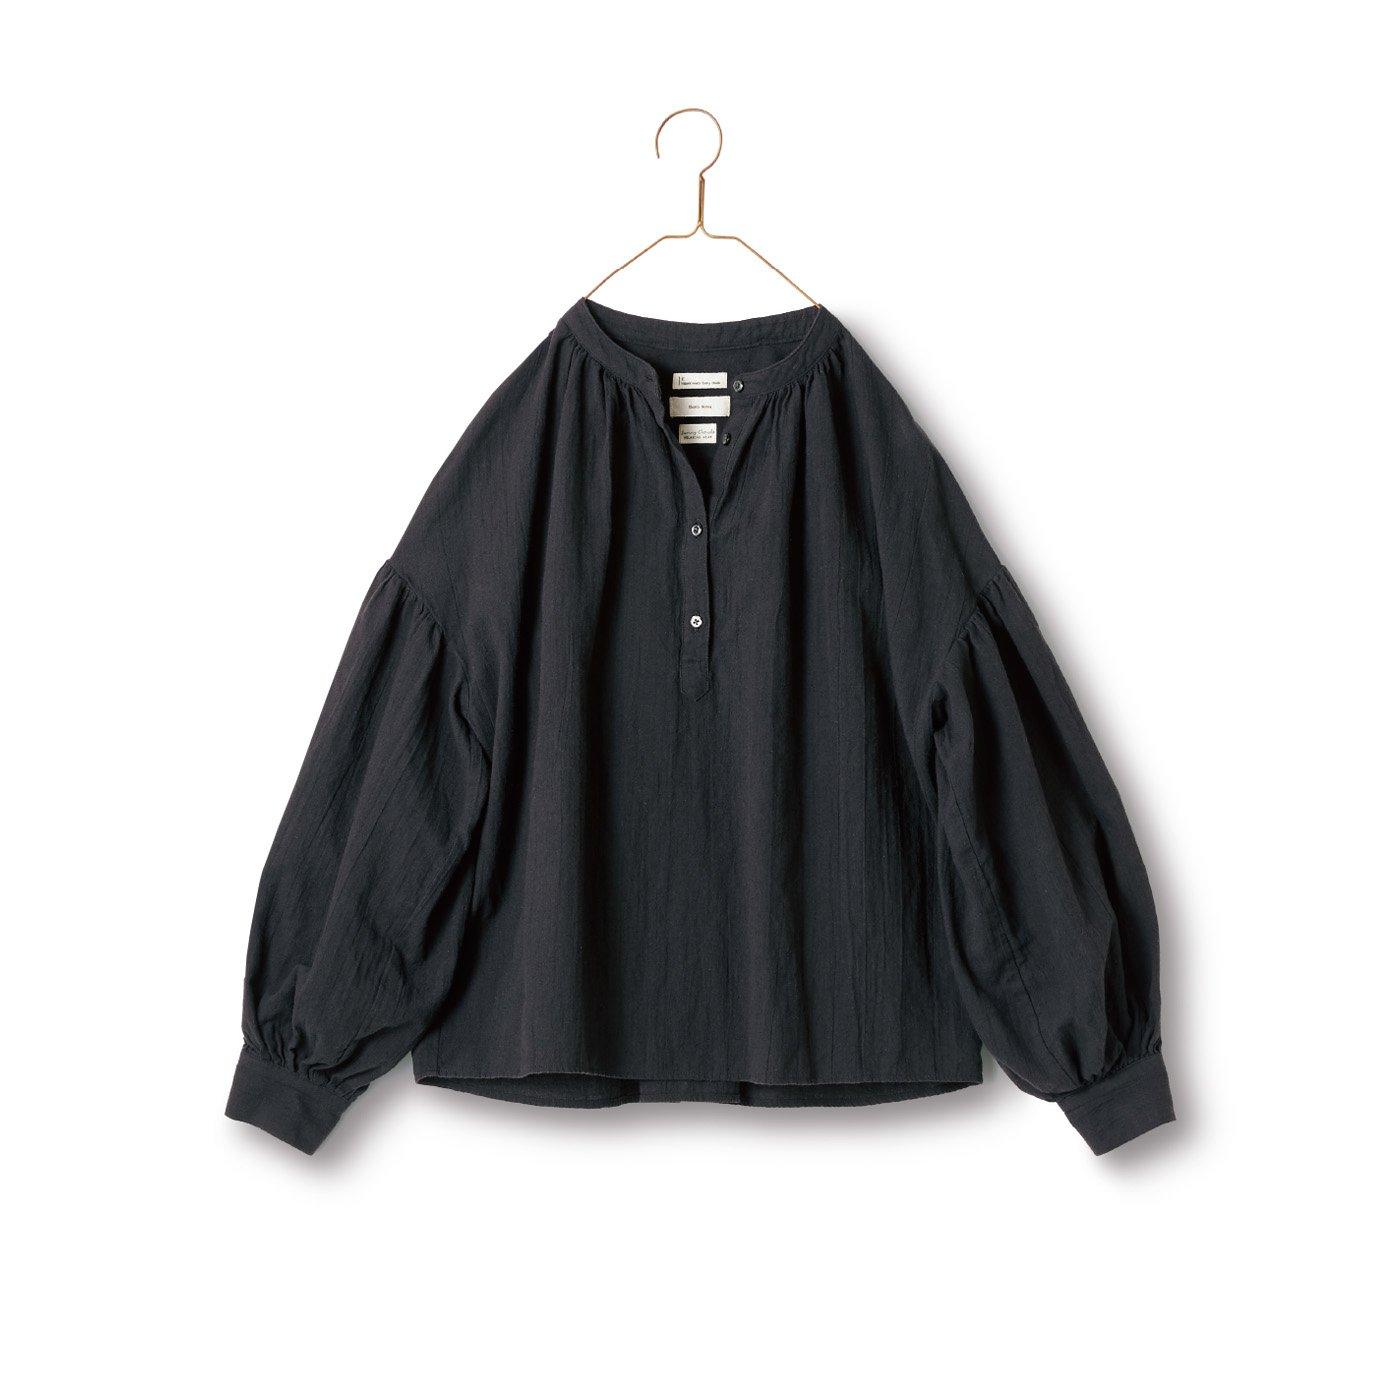 サニークラウズ feat. Shuttle Notes kazumiのボリューム袖ブラウス〈レディース〉